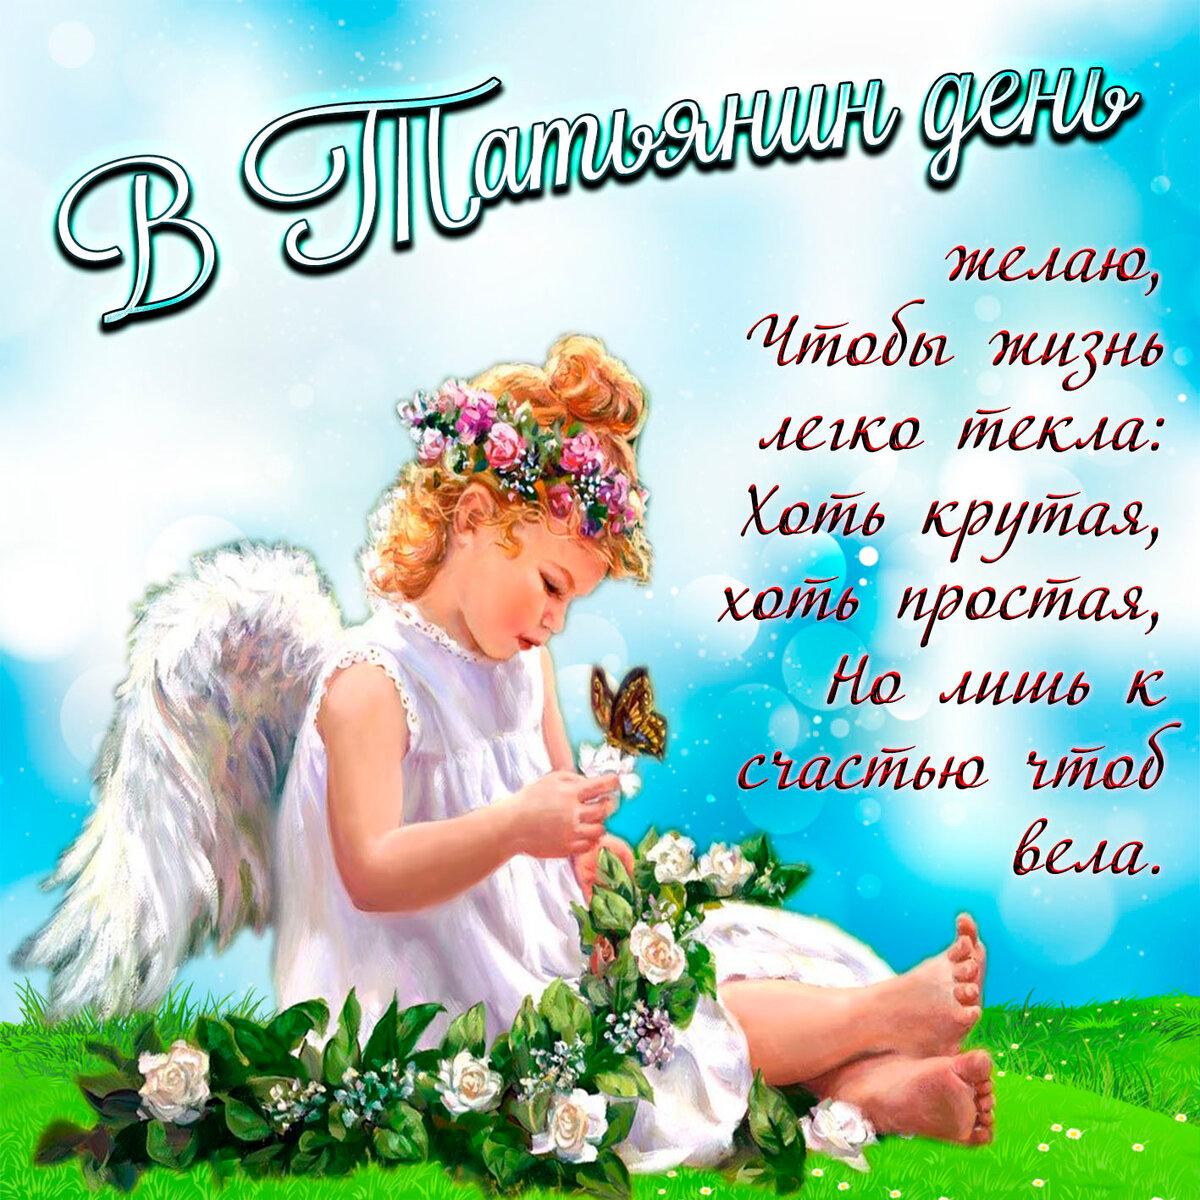 поздравления в татьянин день красивые для всех татьян денги